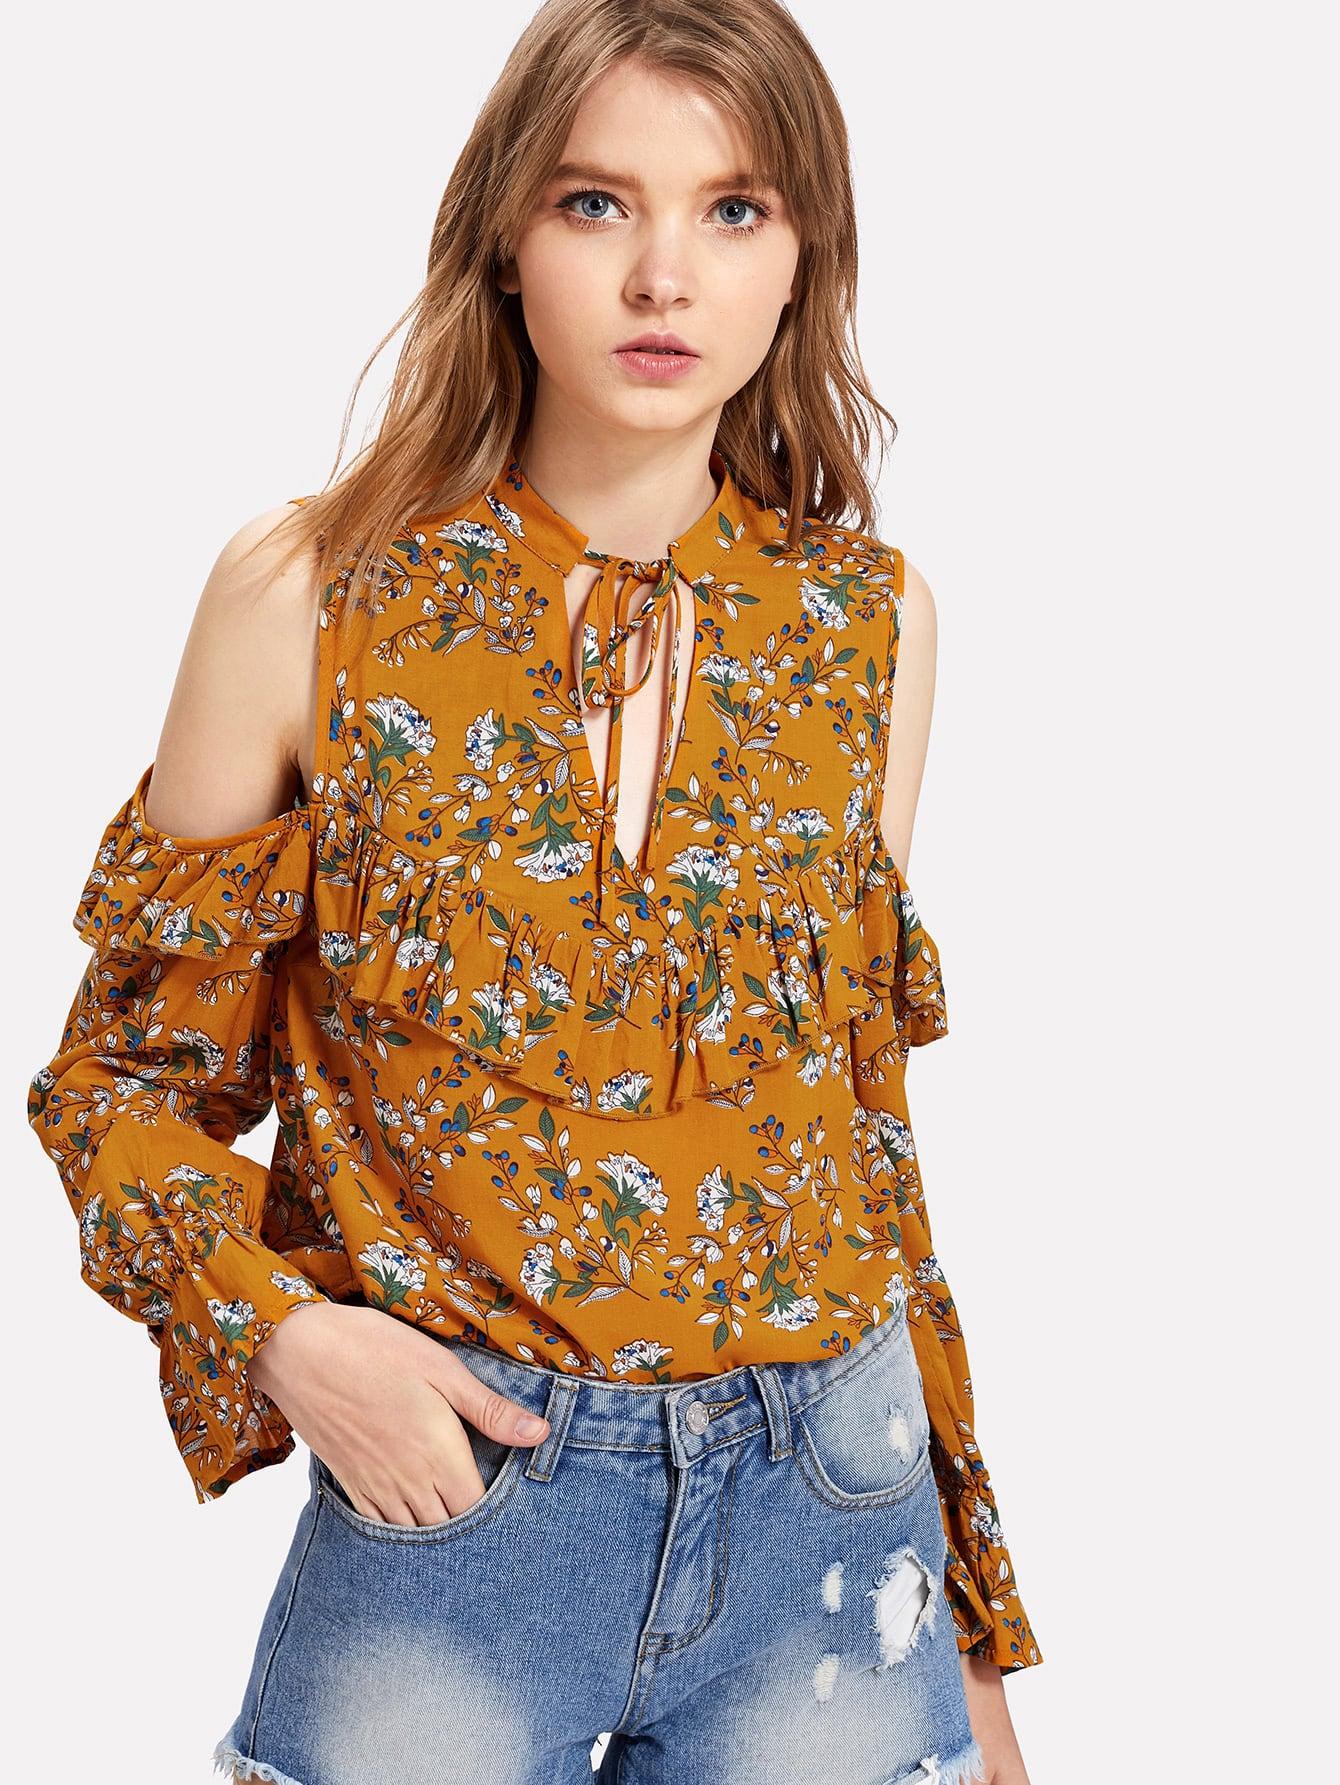 Schulterfreie Bluse mit Halsband, Raffung und Pflanzenmuster